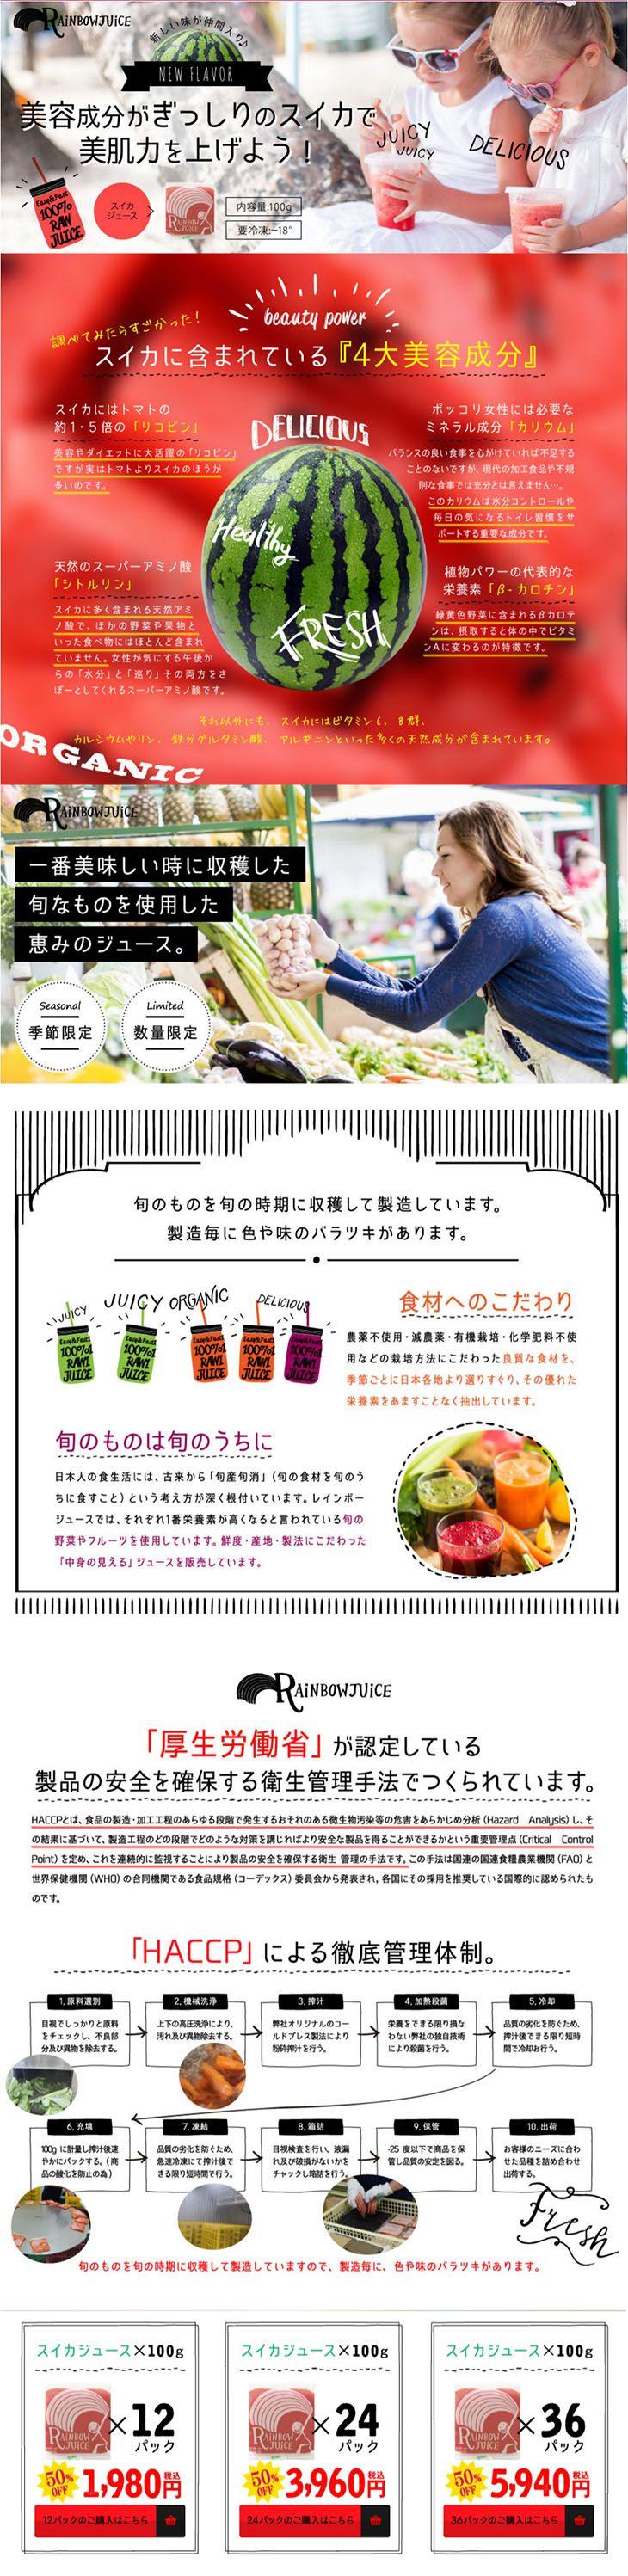 雑貨人気のフォント使い コンテンツや全体のカラーリングをテーマと合わせる ジュースクレンズ スイカ味